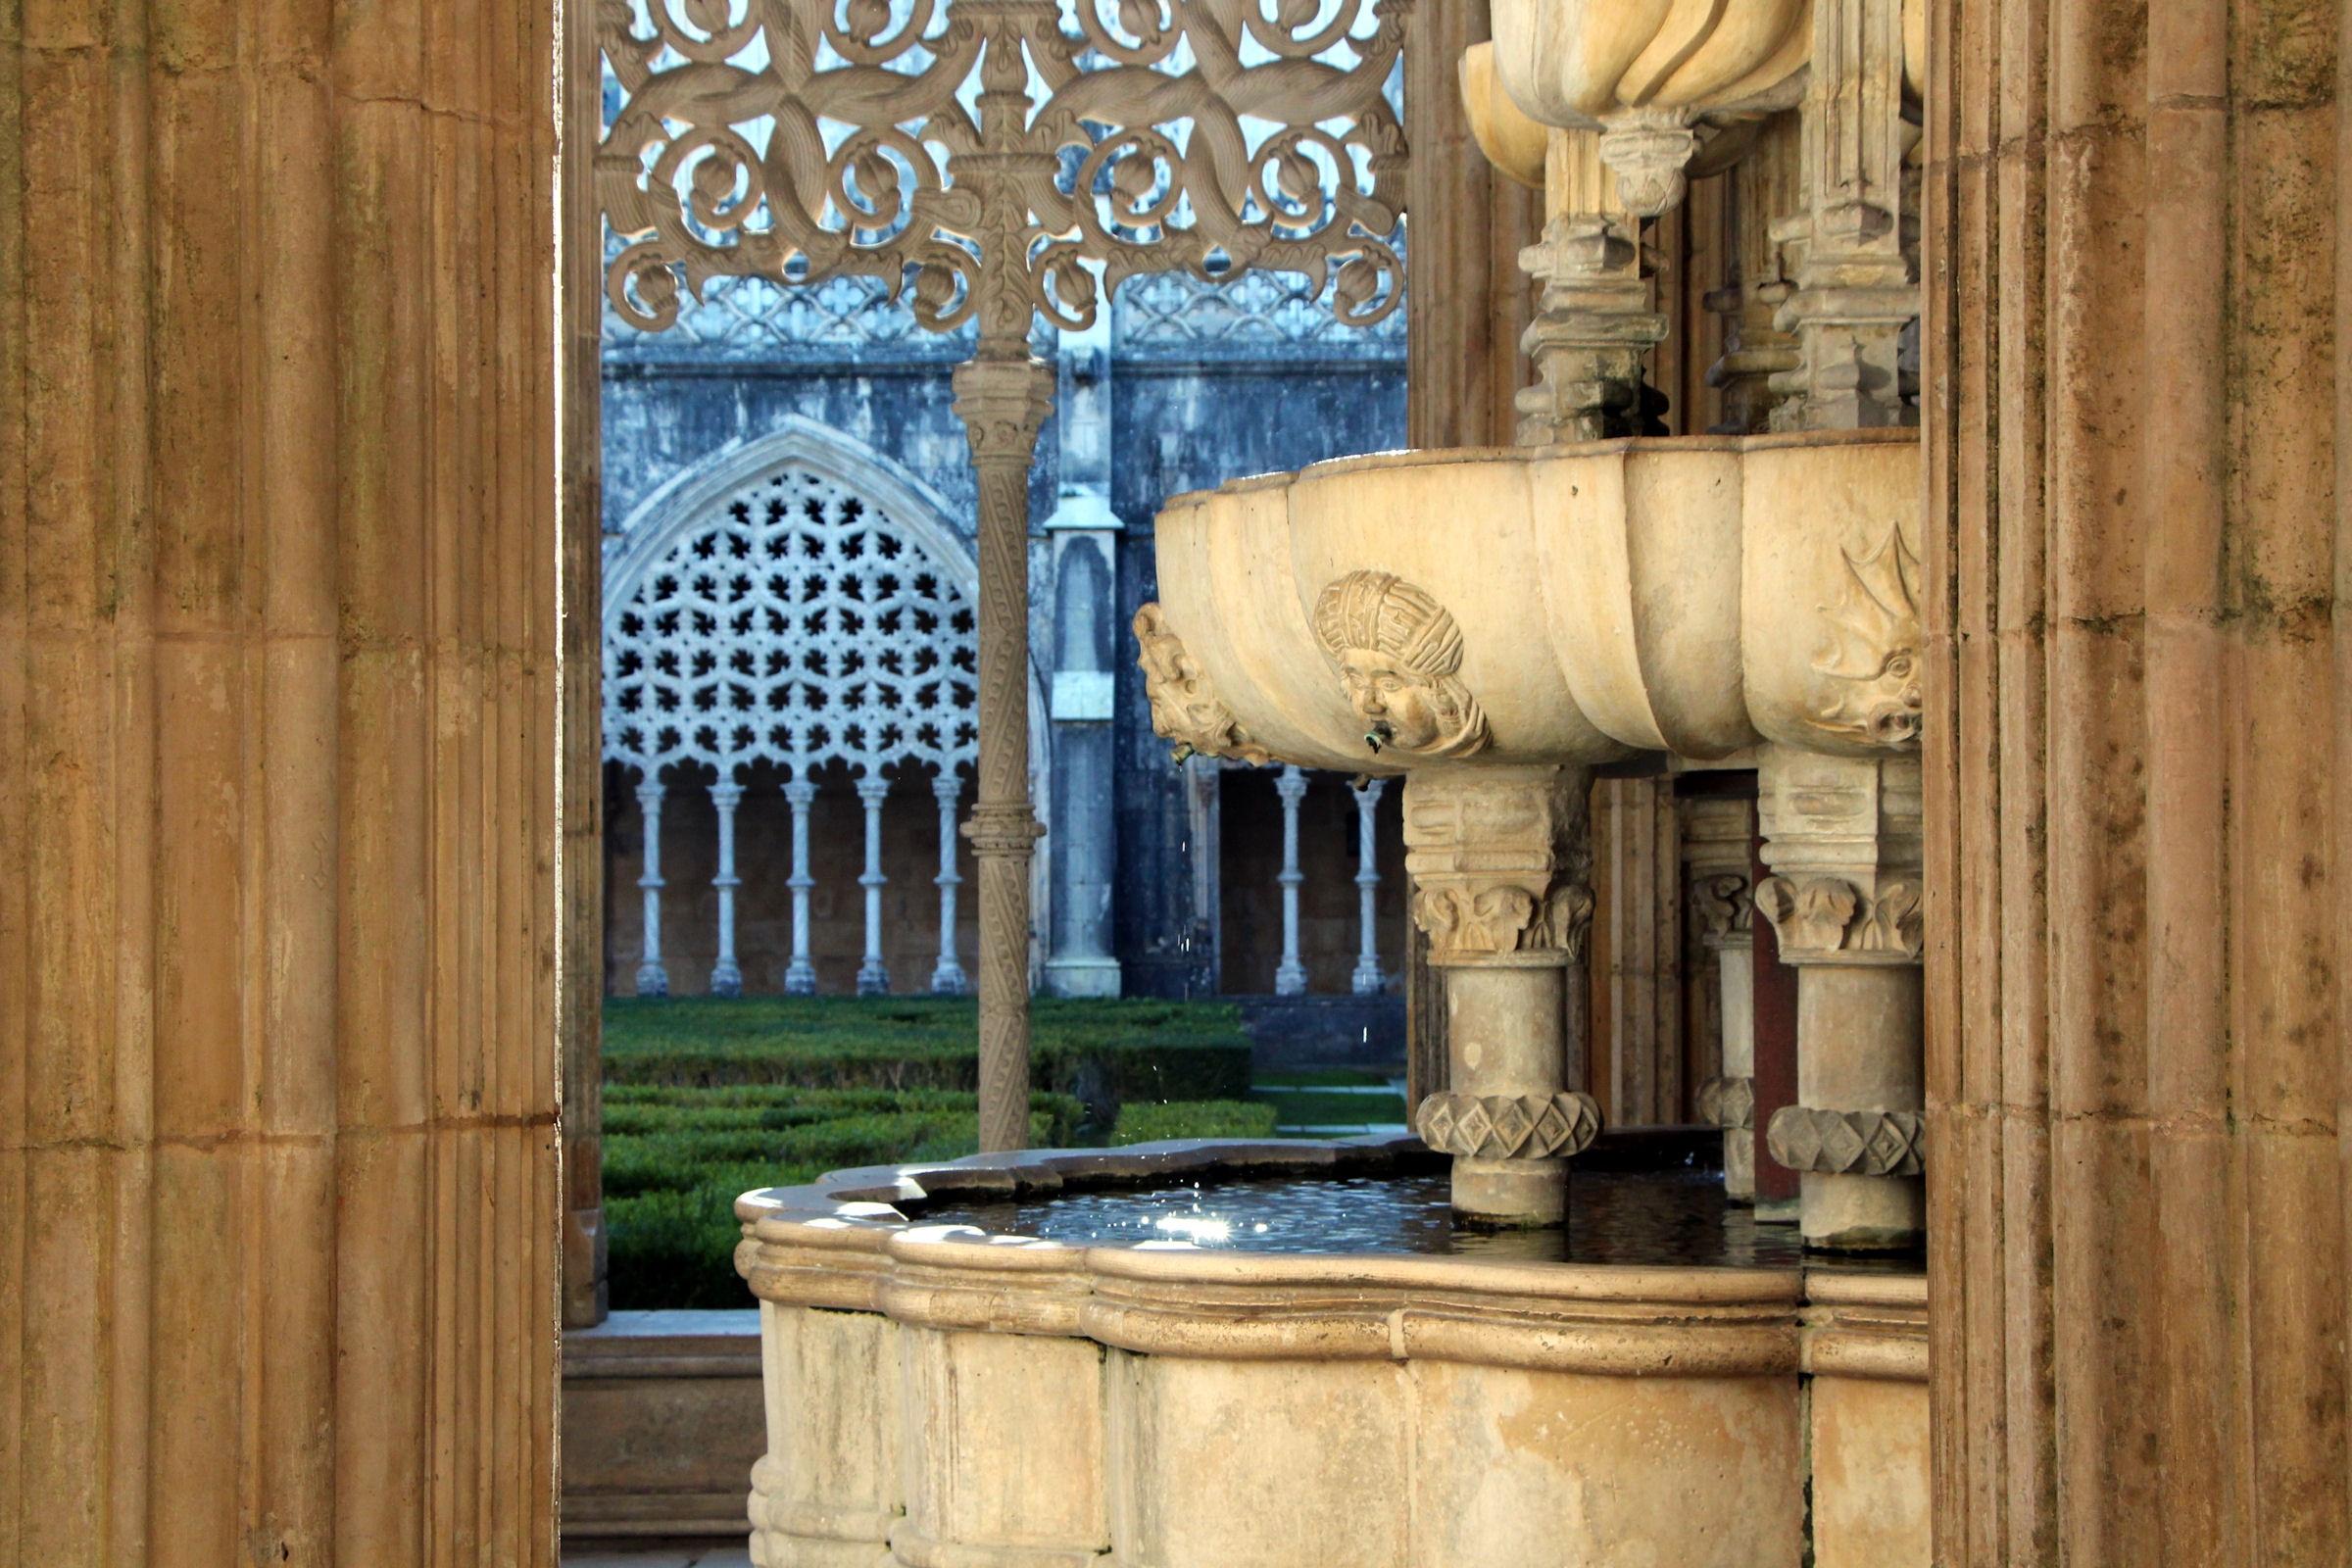 estructura madera casa monumento columna turismo diseo de interiores templo edificios fuente portugal atraccin turstica tallado